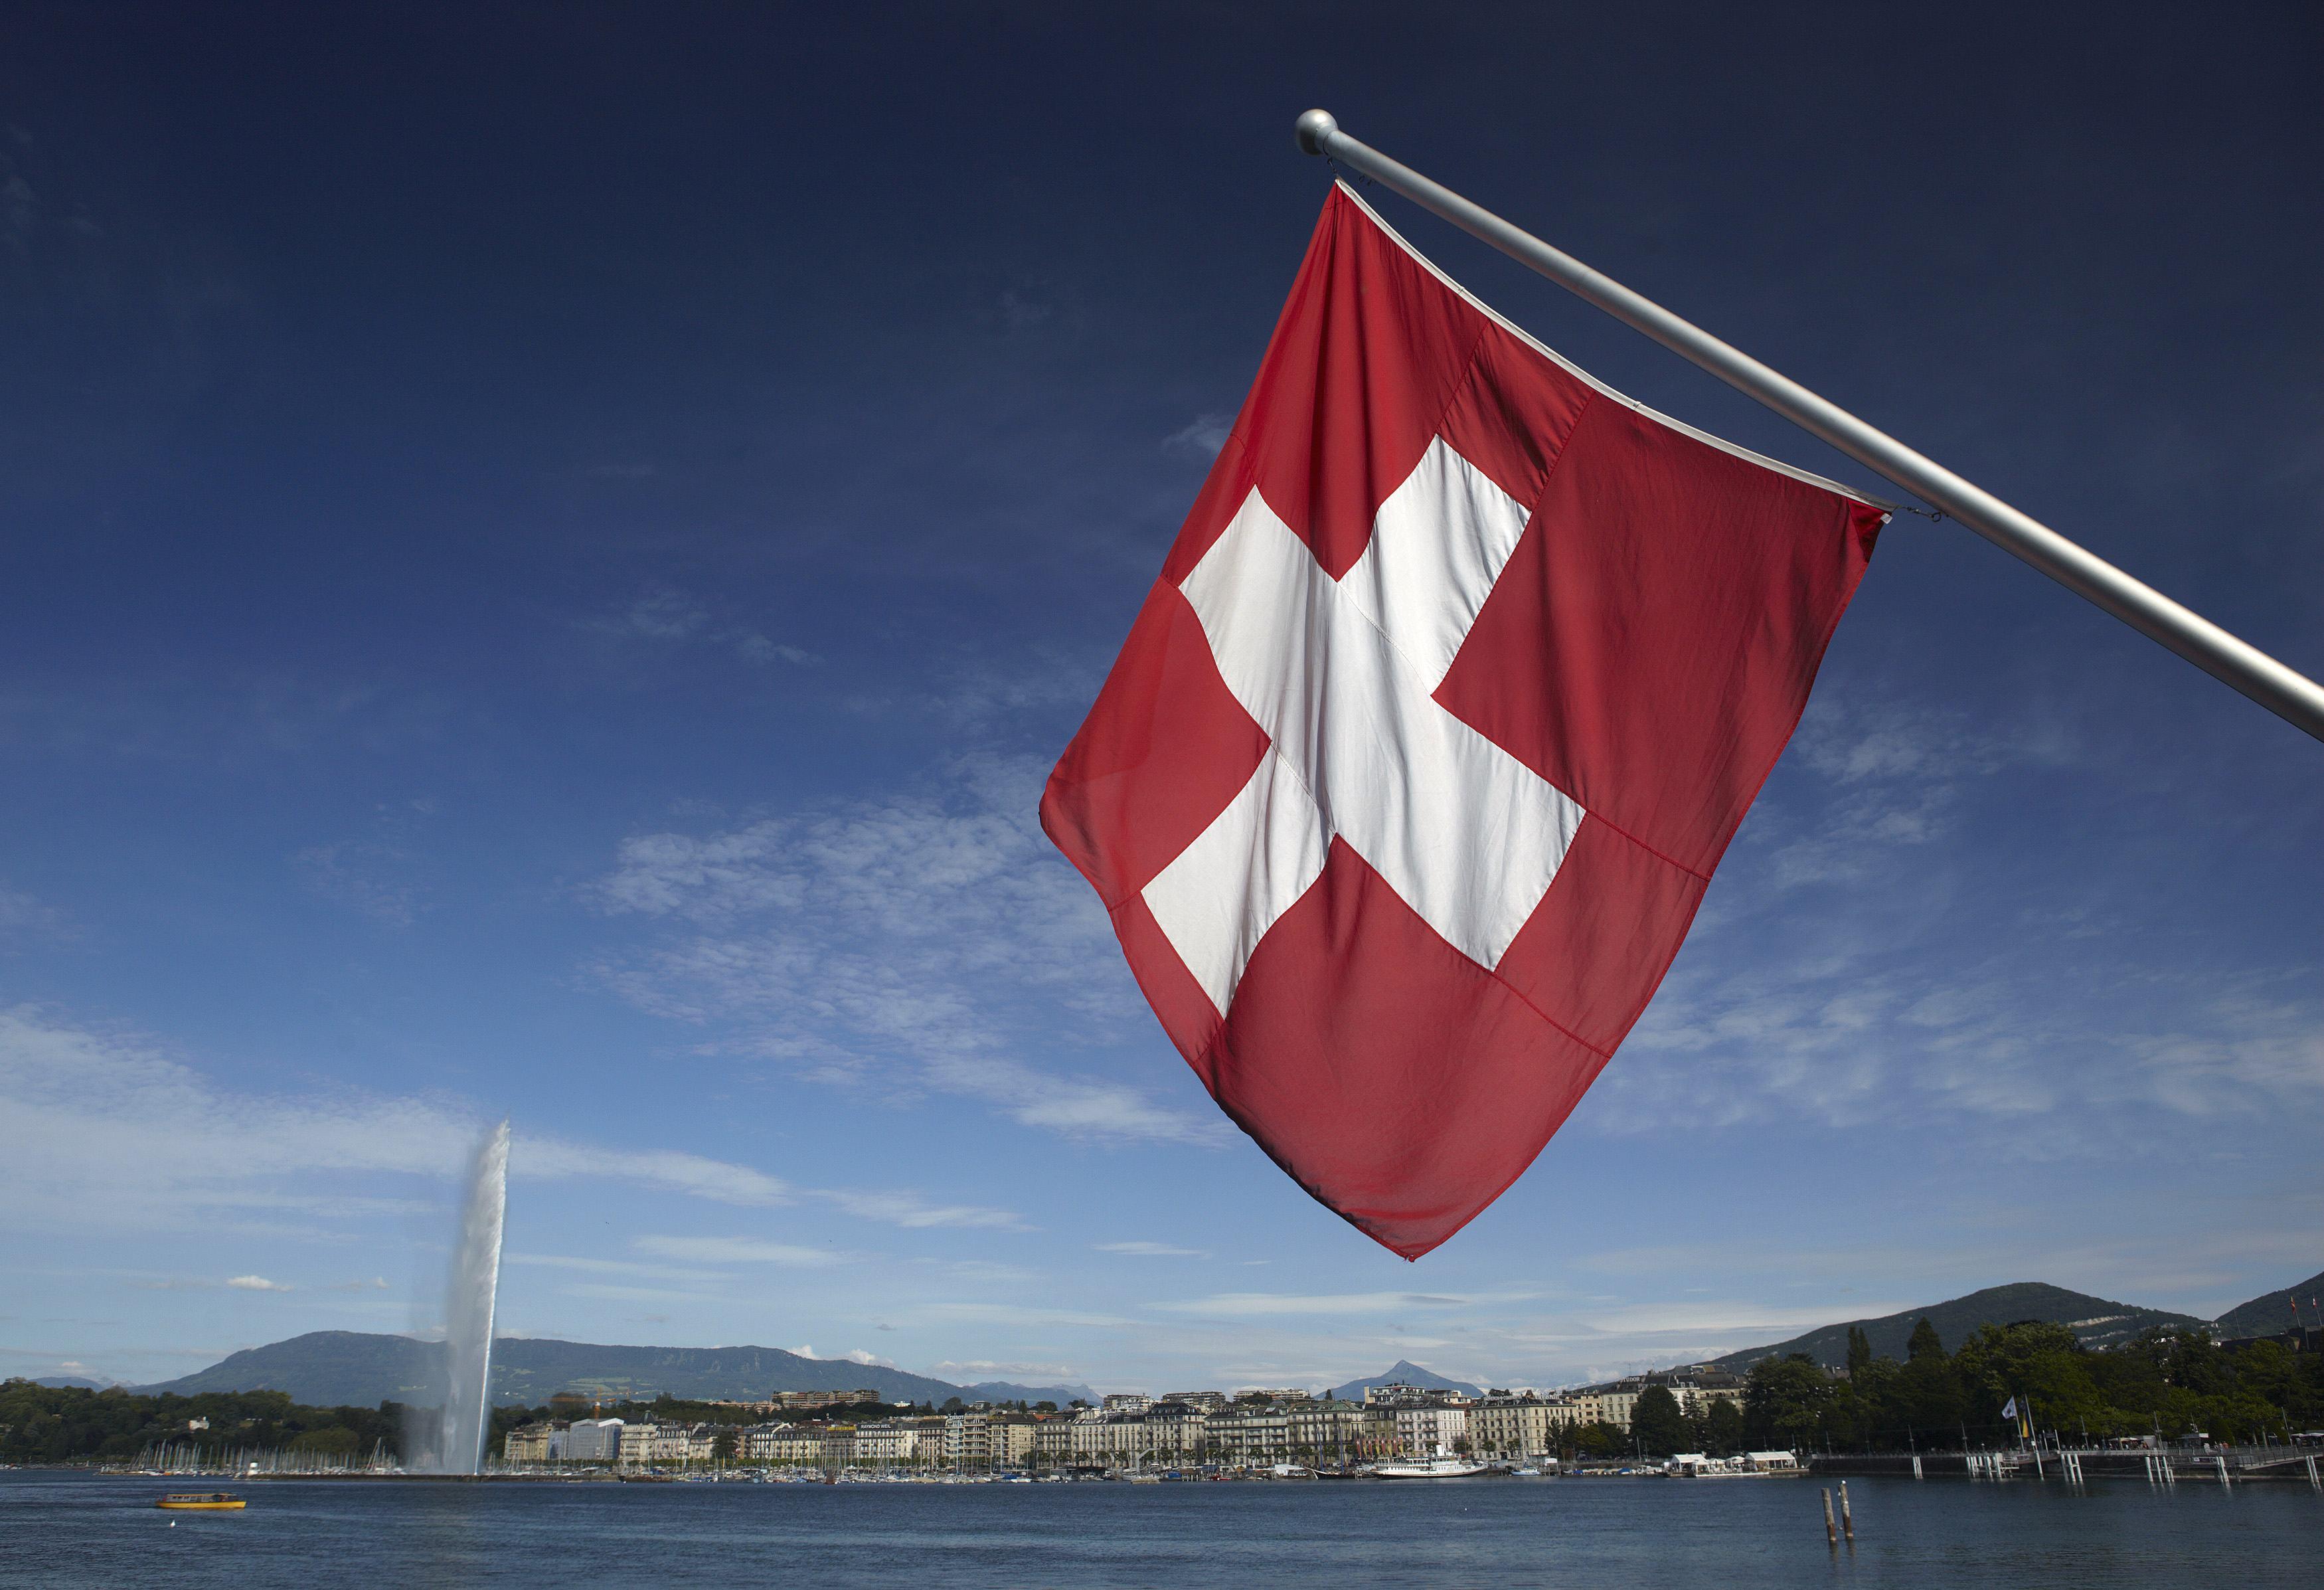 Η Ελβετία εξετάζει την κατάργηση της 152 ετών φοροαπαλλαγής   tovima.gr